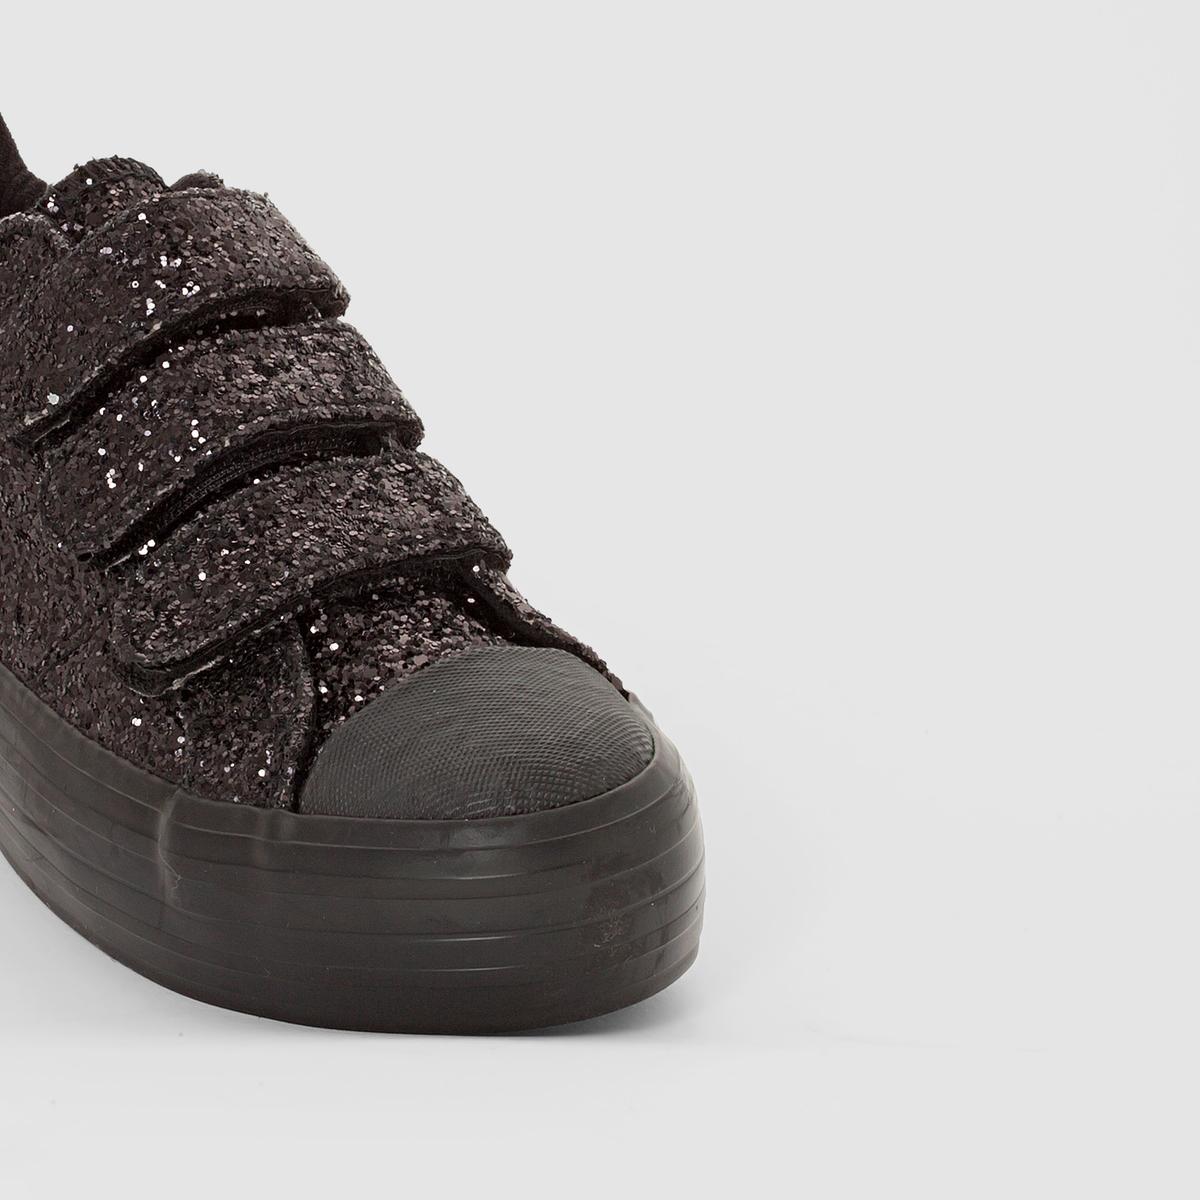 Кеды низкие TENDAIМатериал внешний/внутрений : Текстиль          Подкладка : Микрофибра       Стелька : Микрофибра                Подошва : Каучук.            Форма каблука : Плоская    Мысок : Закругленный   Застежка : На планку-велкро<br><br>Цвет: черный<br>Размер: 37